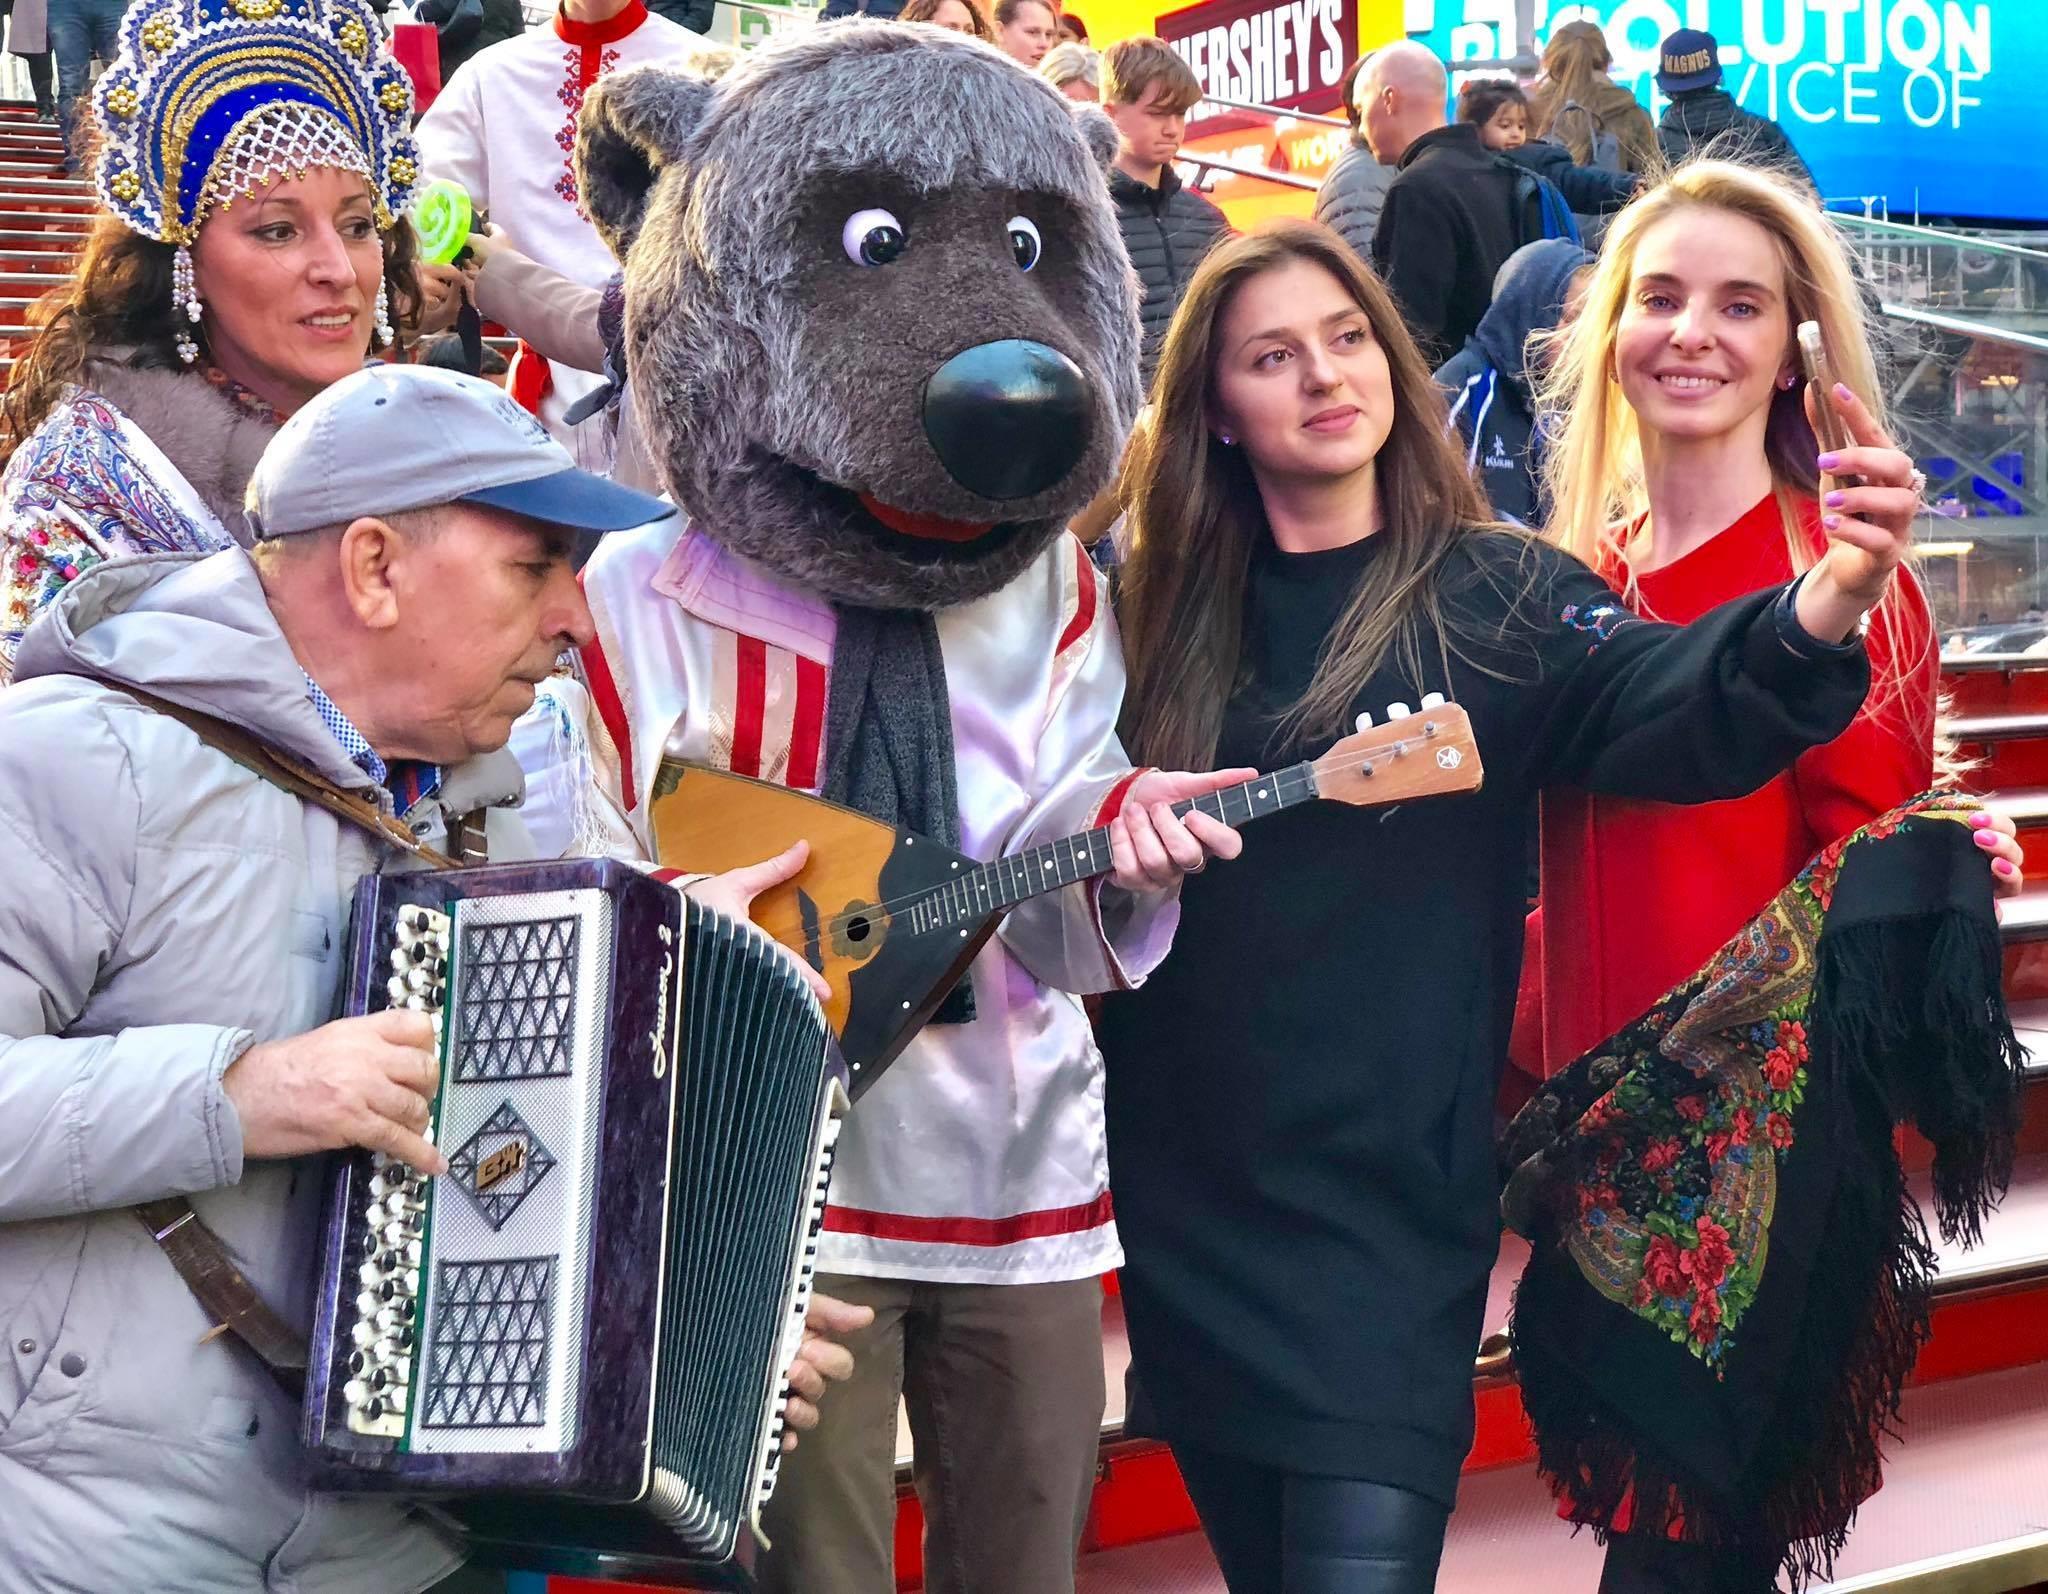 день народного единства смешные фото с праздника заводчика